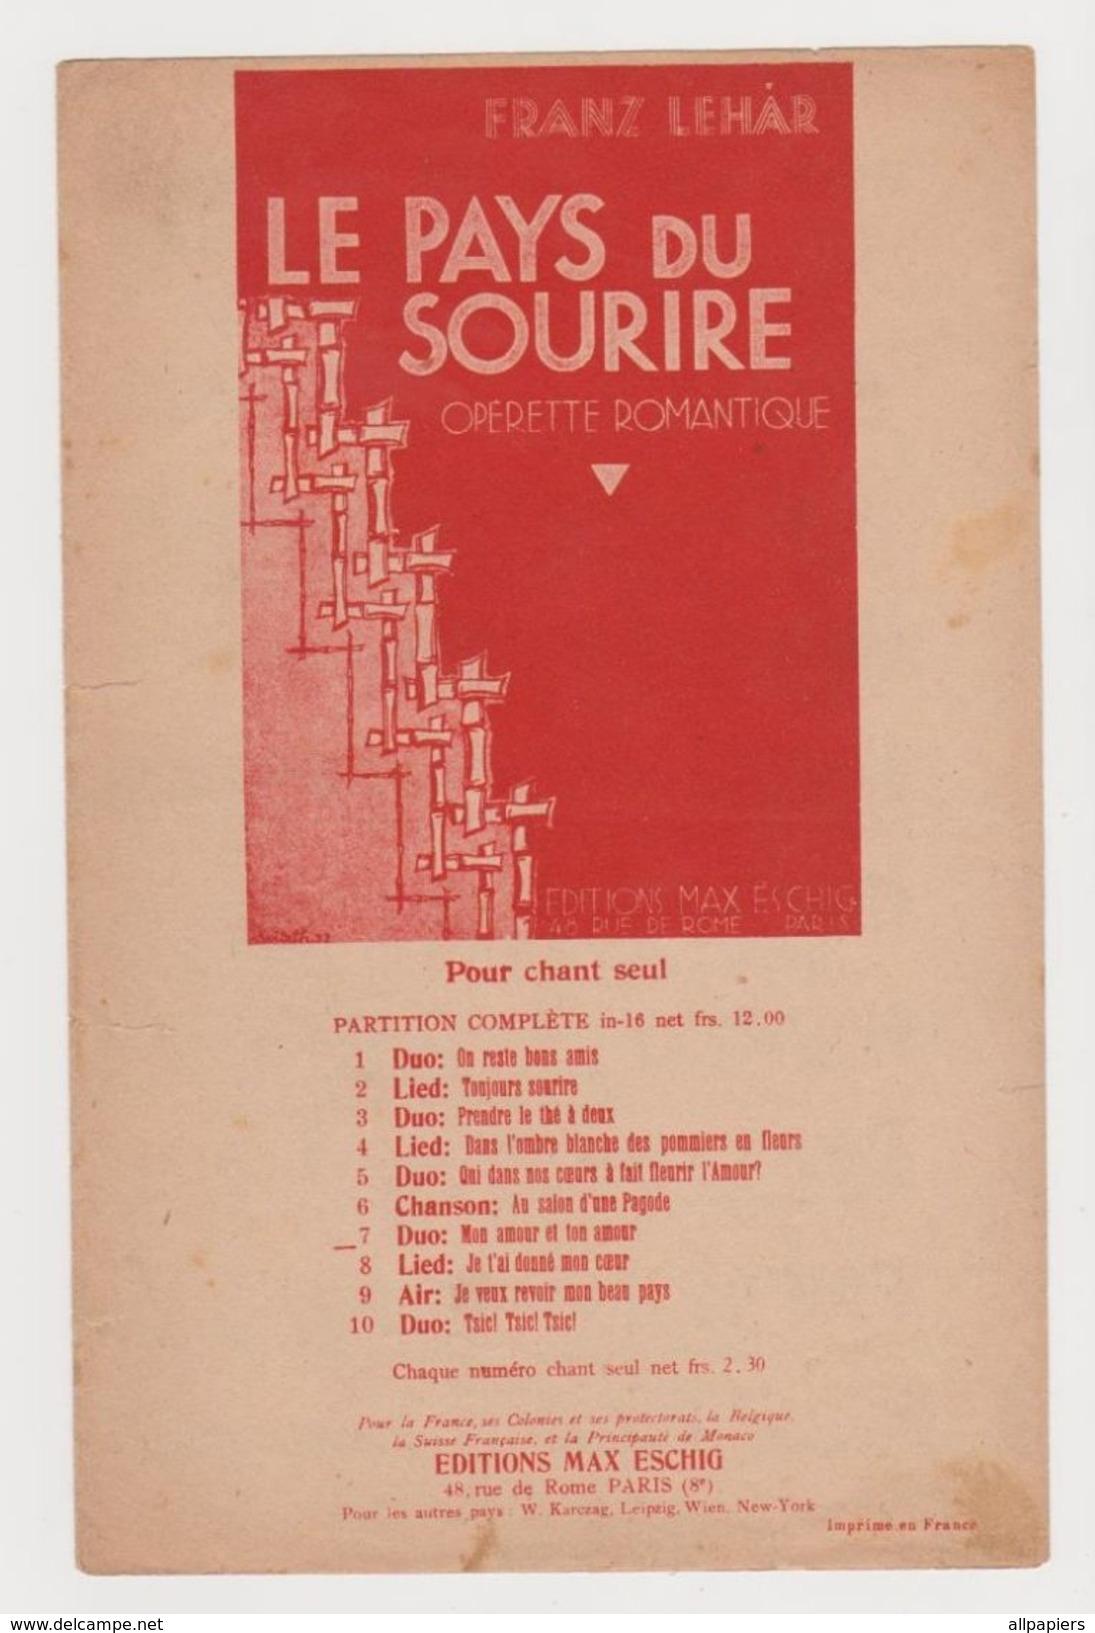 Partition Le Pays Du Sourire Opérette Romantique Par Franz Lehar De 1932 - Opéra